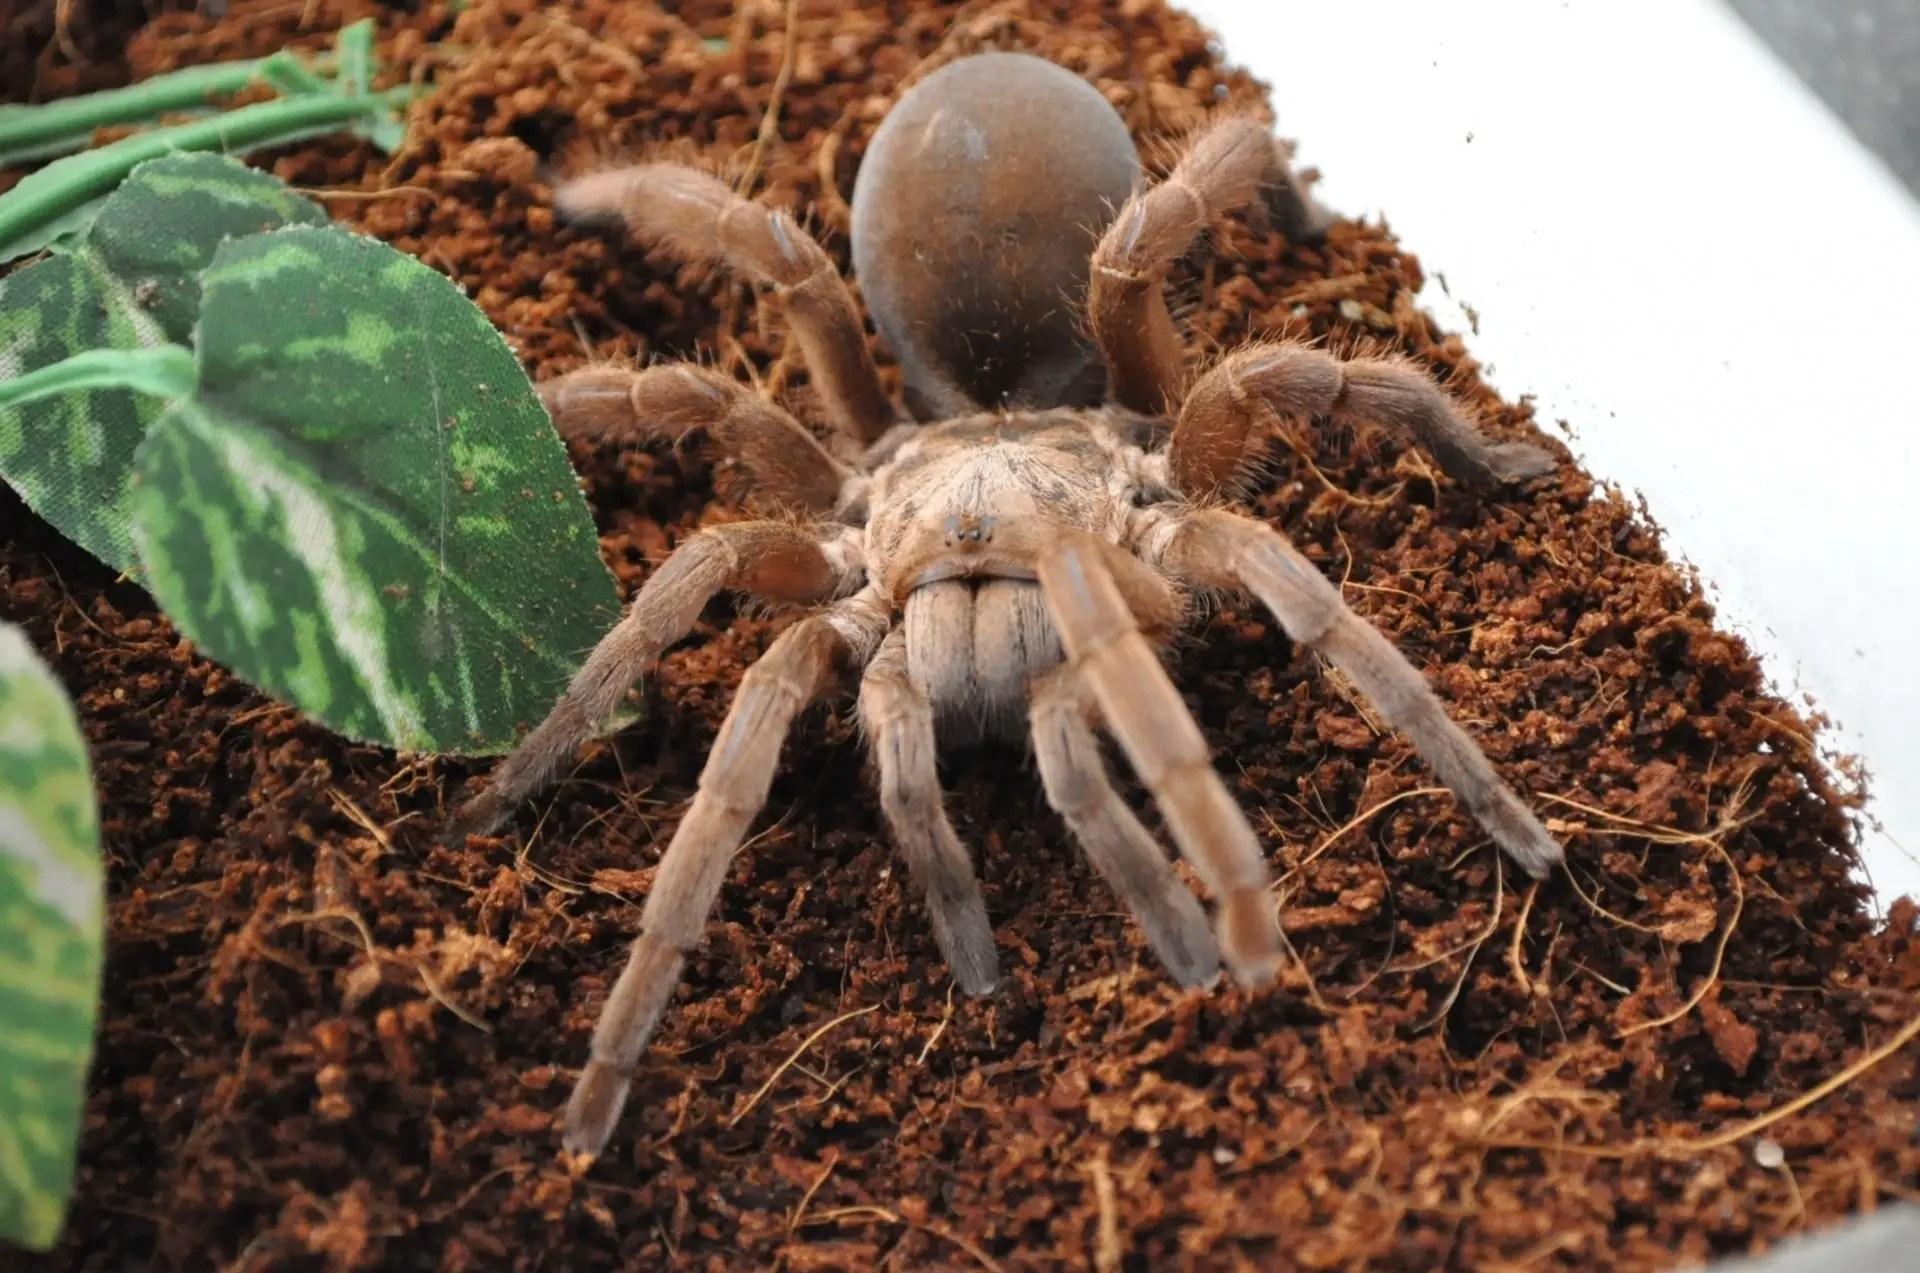 Tarantula Habitat Tarantula Friendly